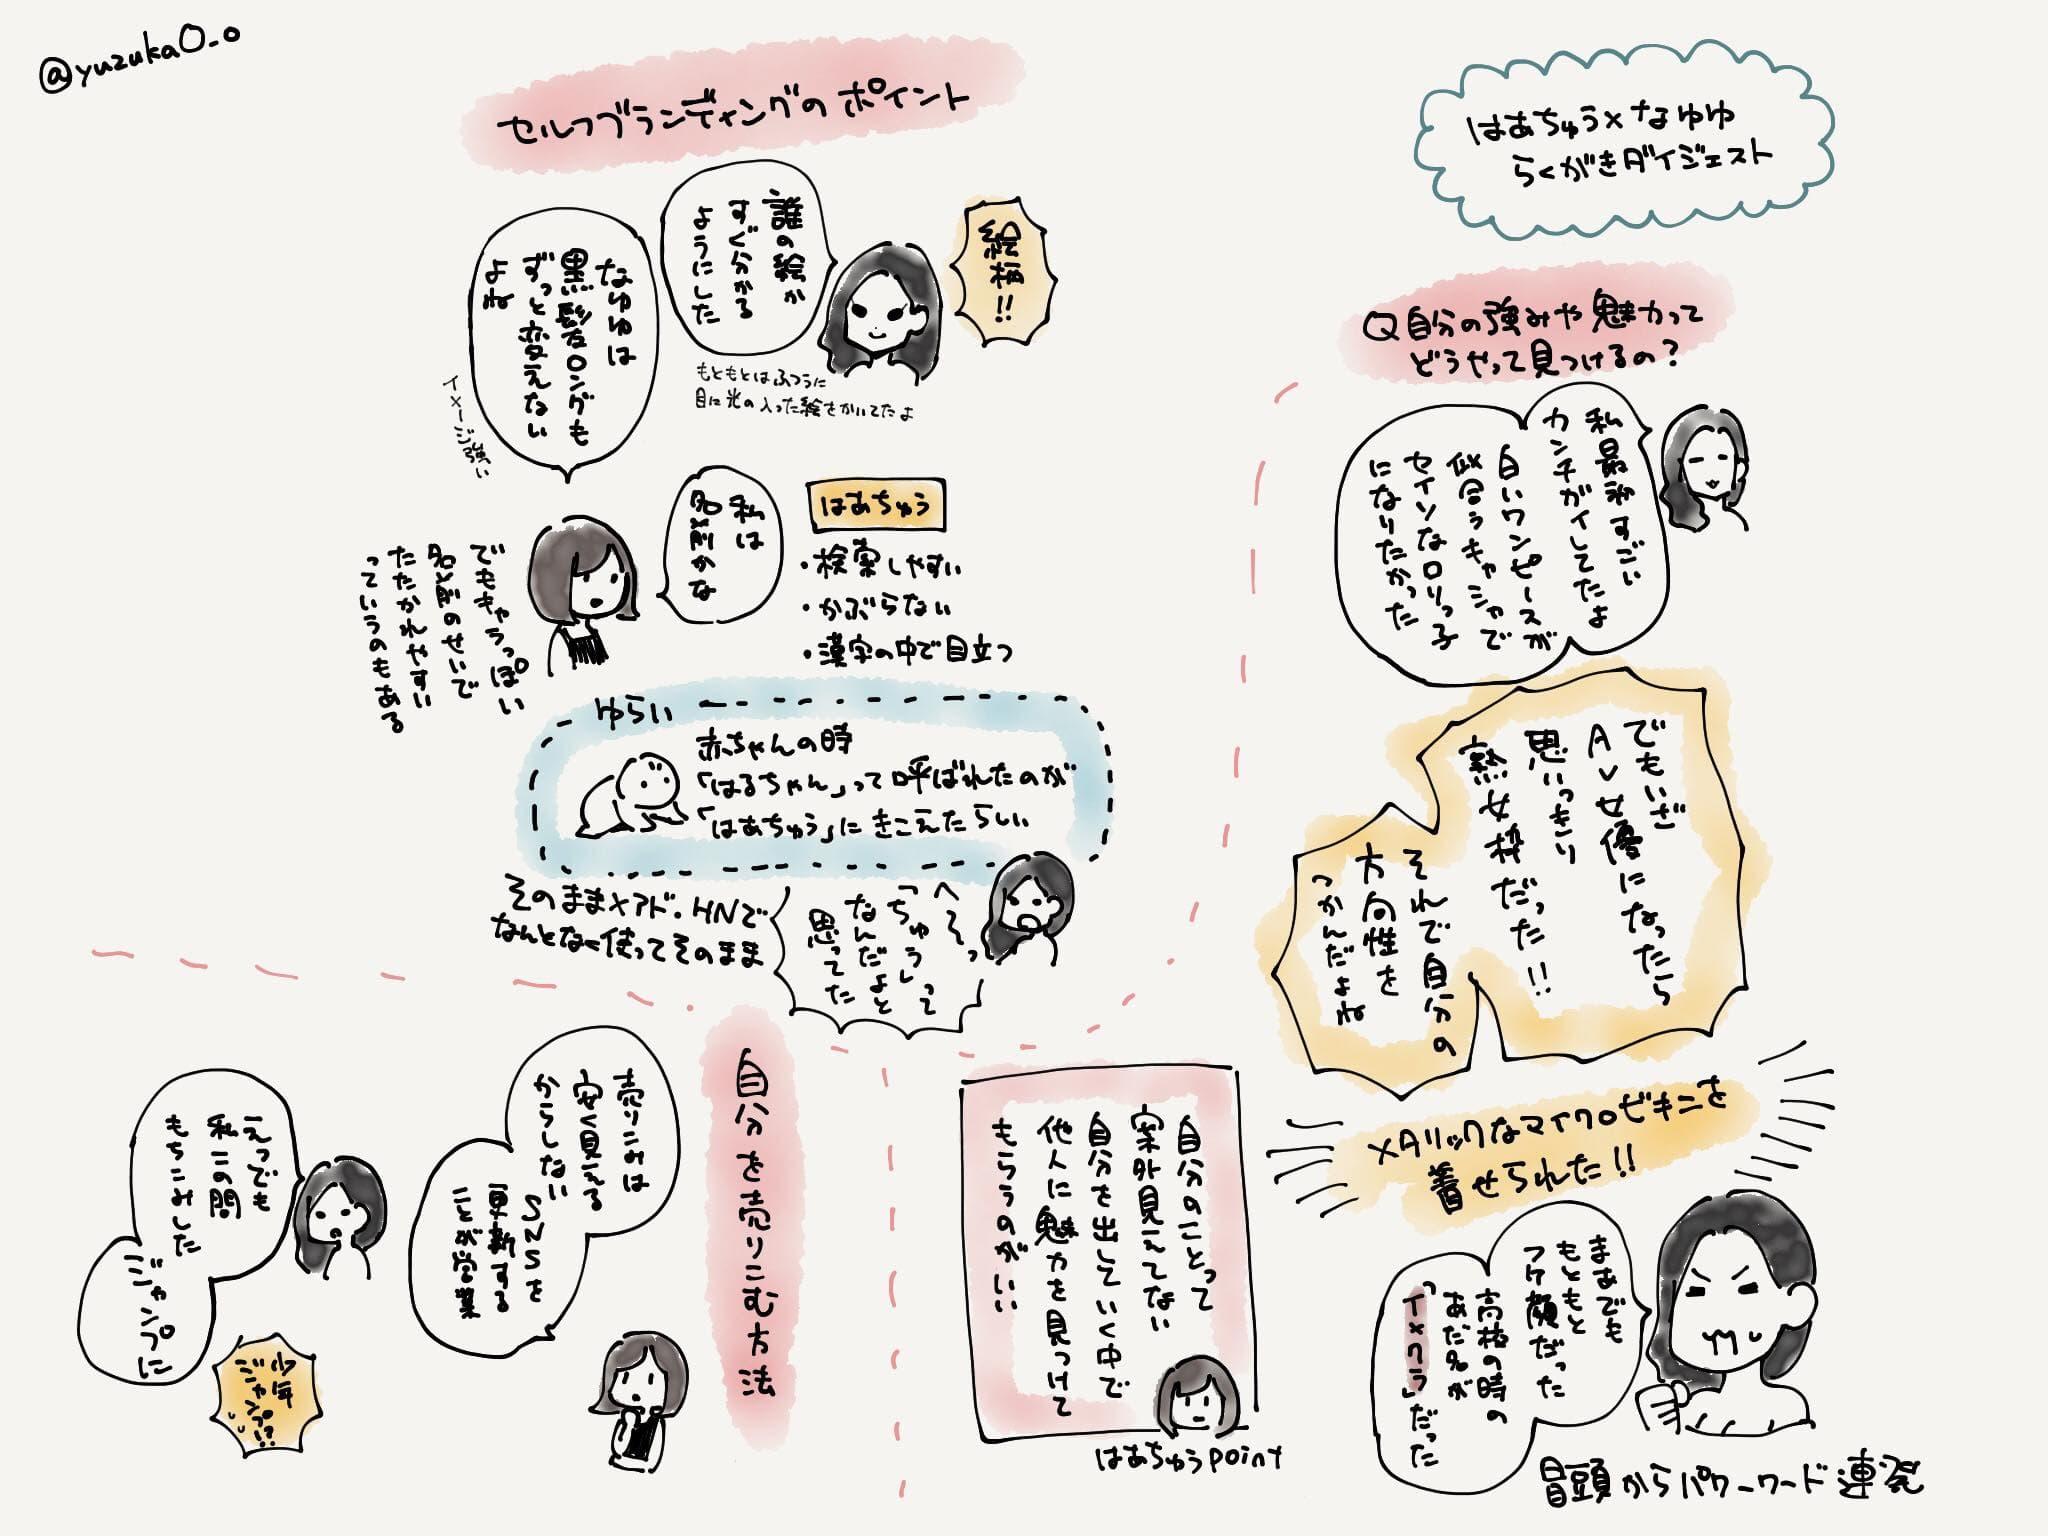 はあちゅう&峰なゆか対談のレポート漫画